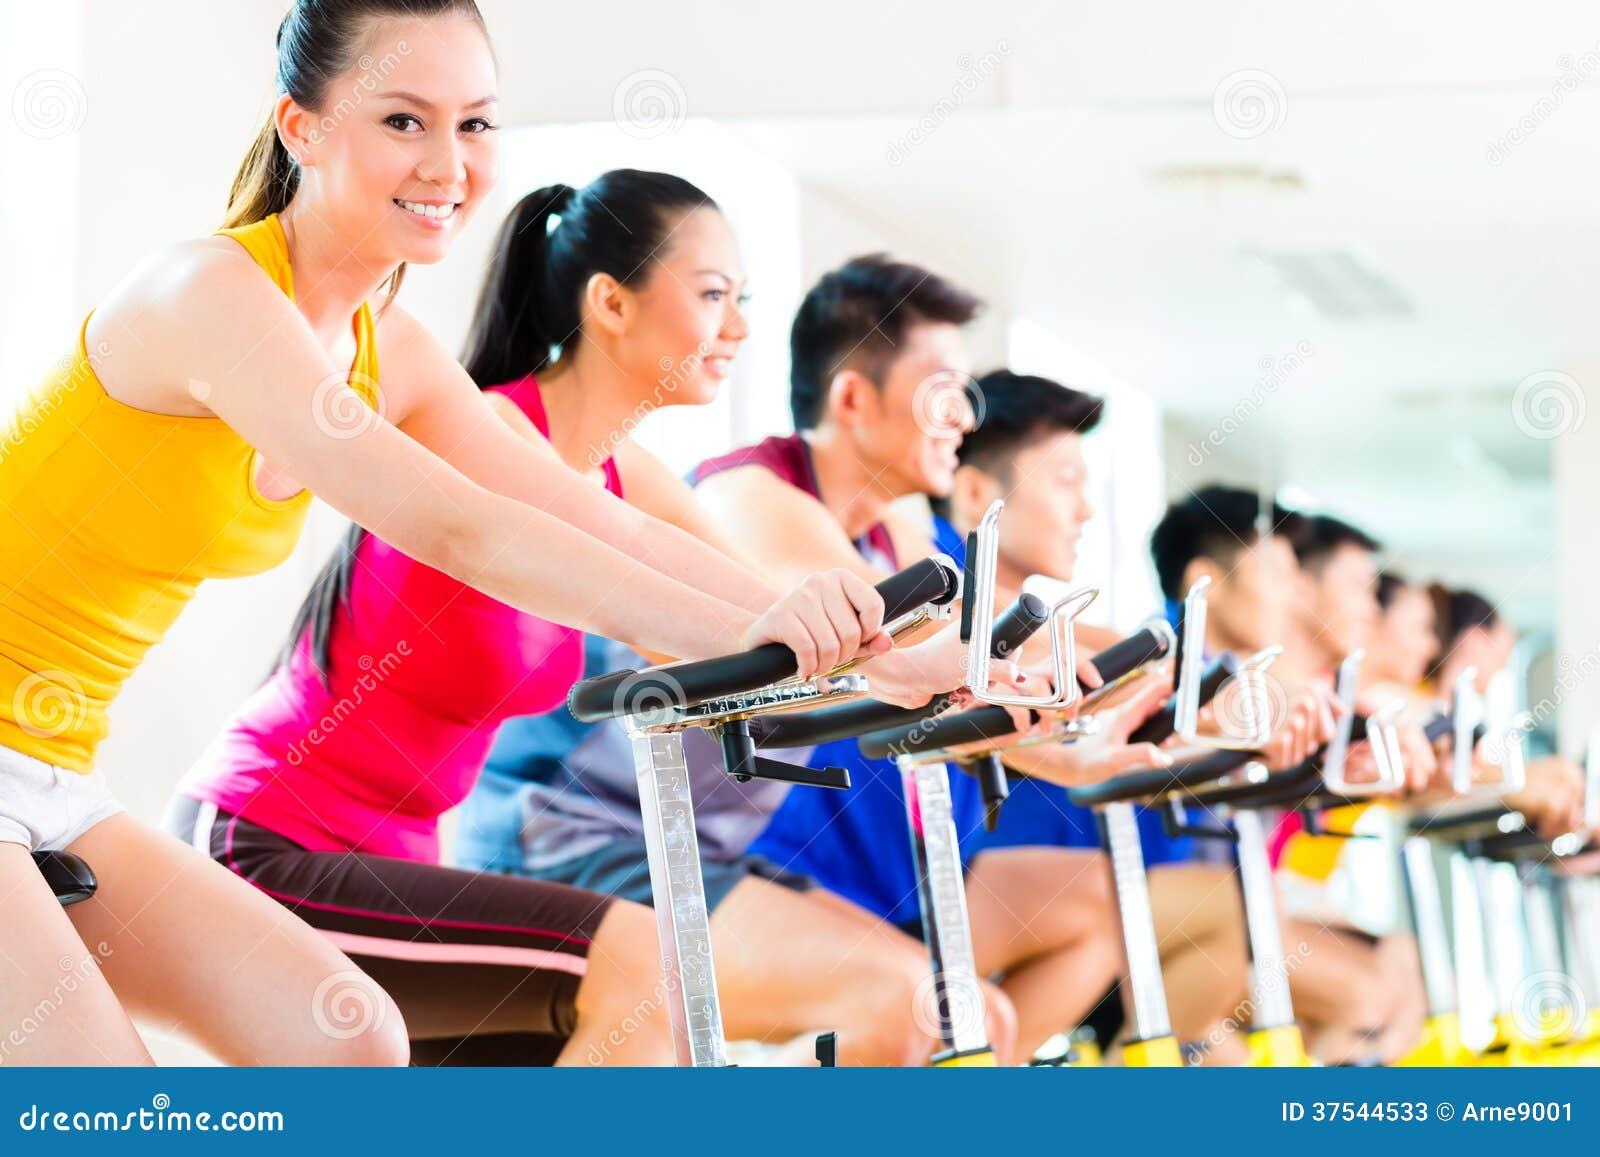 Personnes asiatiques dans la formation de rotation de vélo au gymnase de forme physique